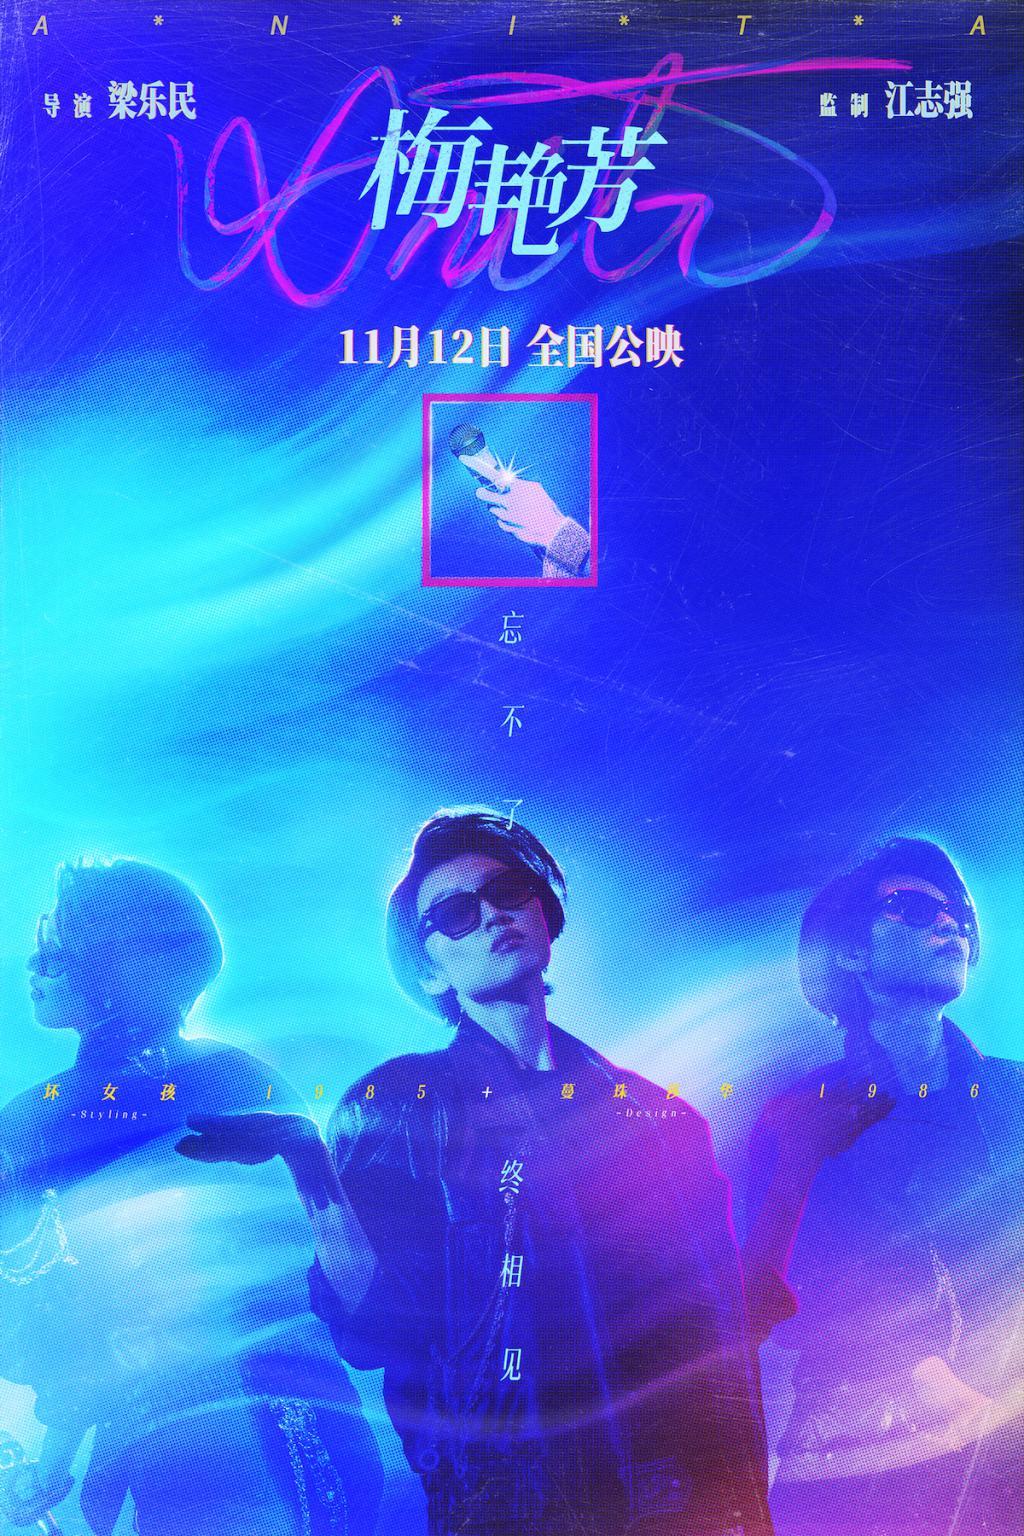 电影《梅艳芳》定档 11 月 12 日公映